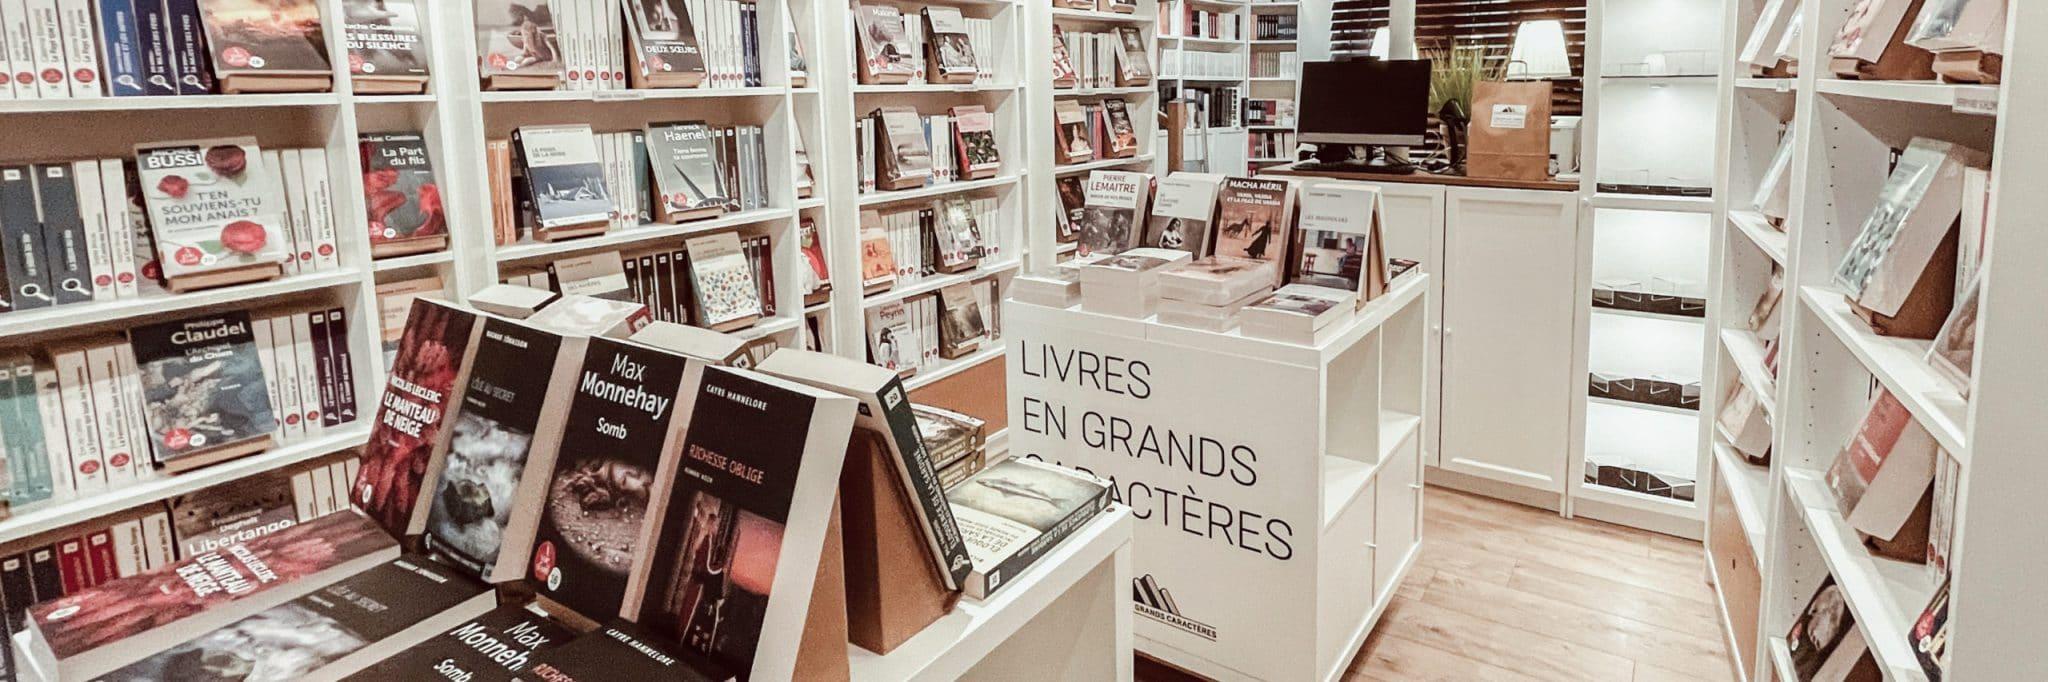 librairie-des-grands-caracteres-paris mal voyant